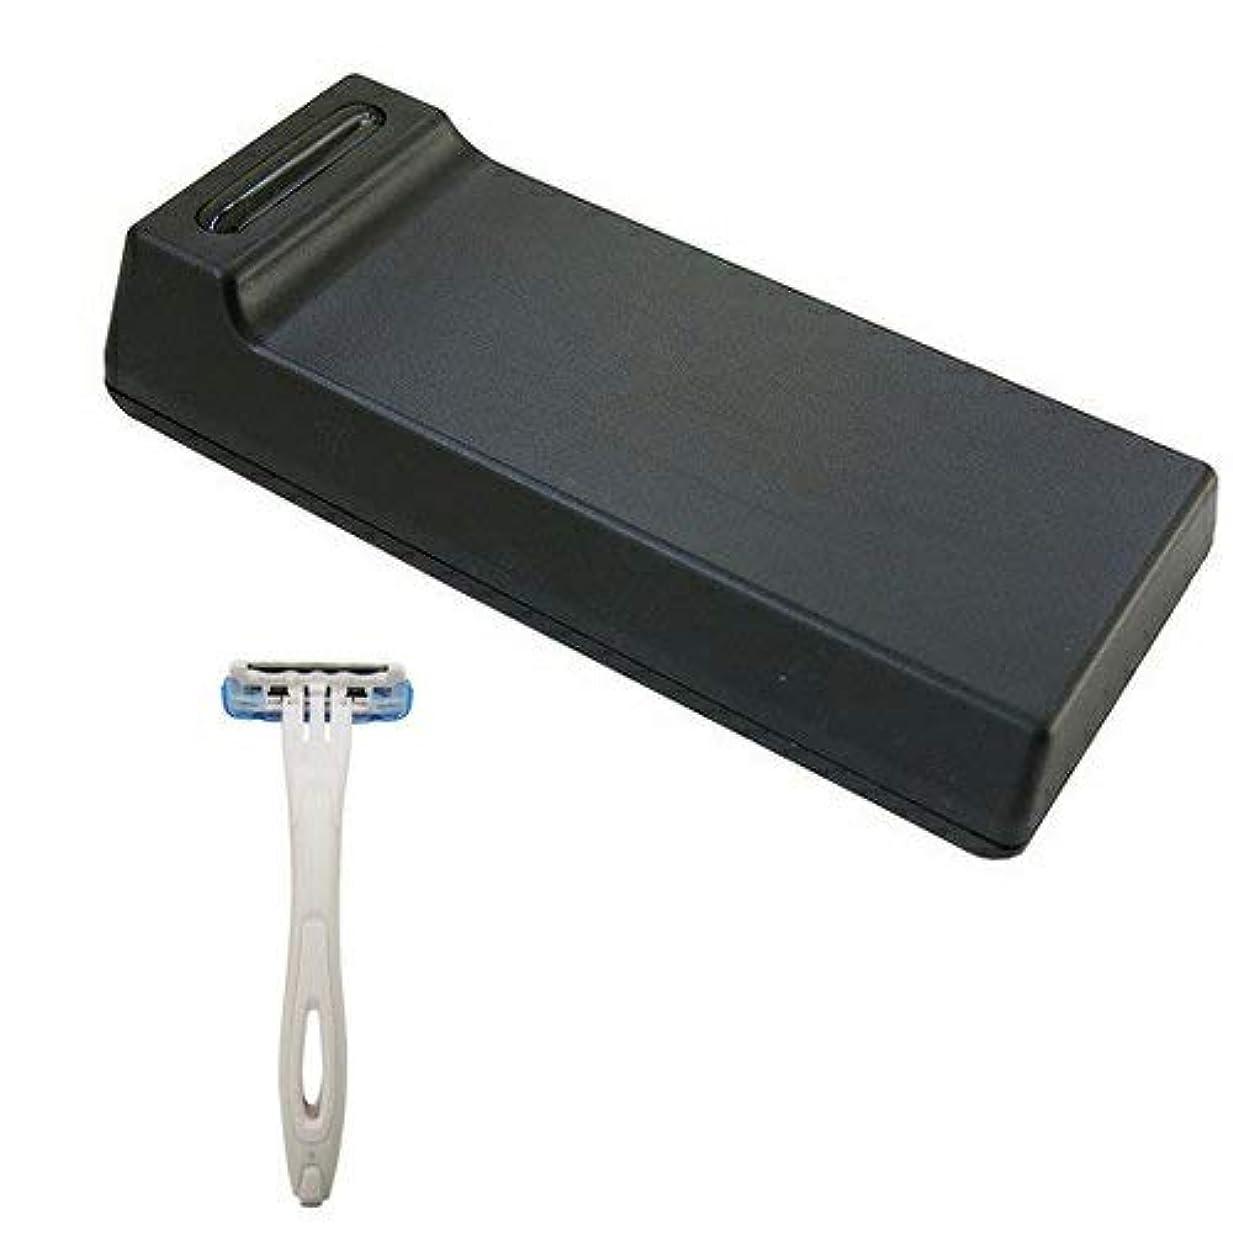 チューリップ大統領サーキットに行くCannelle カミソリ刃クリーナー BladeTech ブレードテック + 貝印 使い捨てカミソリ3枚刃